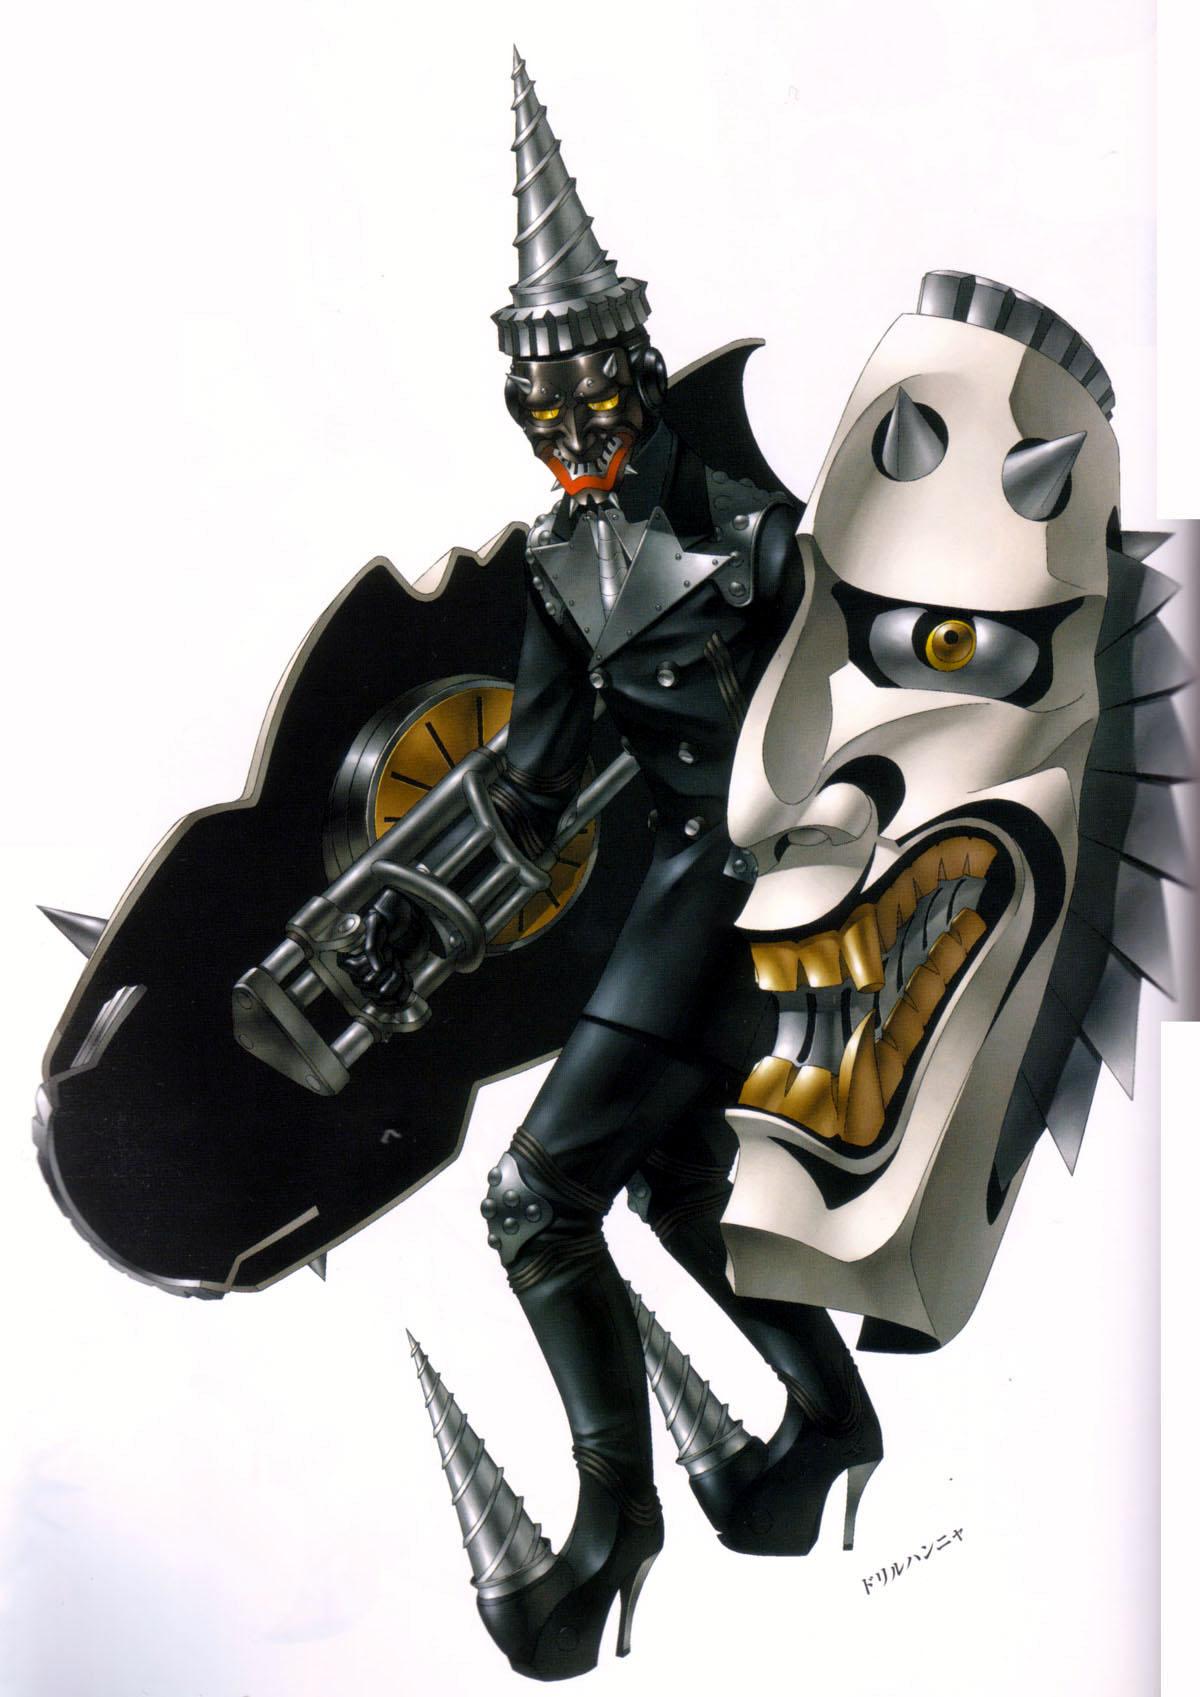 Melchizedek | Megami Tensei Wiki | Fandom powered by Wikia